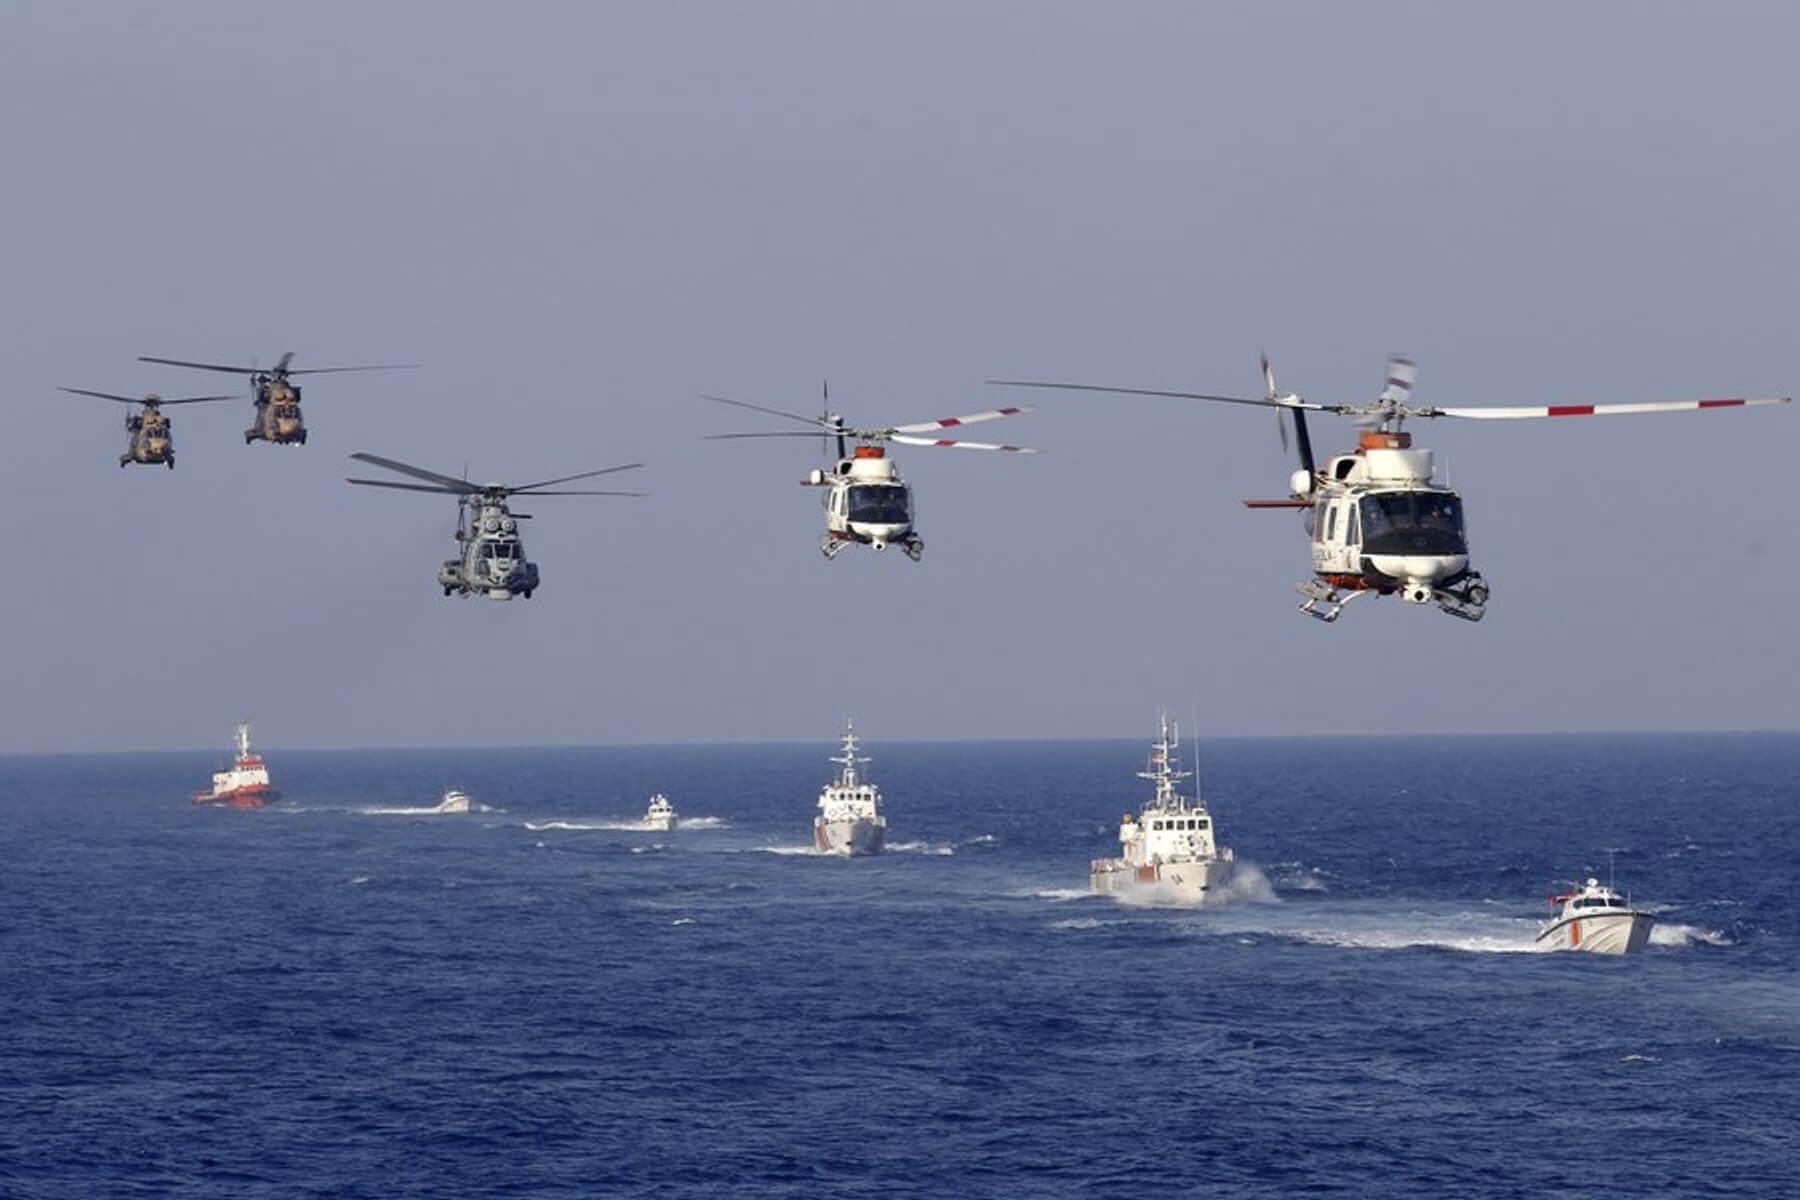 """Η Τουρκία θέλει να """"πετάξει"""" Ελλάδα και Κύπρο από Αιγαίο και Αν. Μεσόγειο μέσω… ΟΗΕ"""